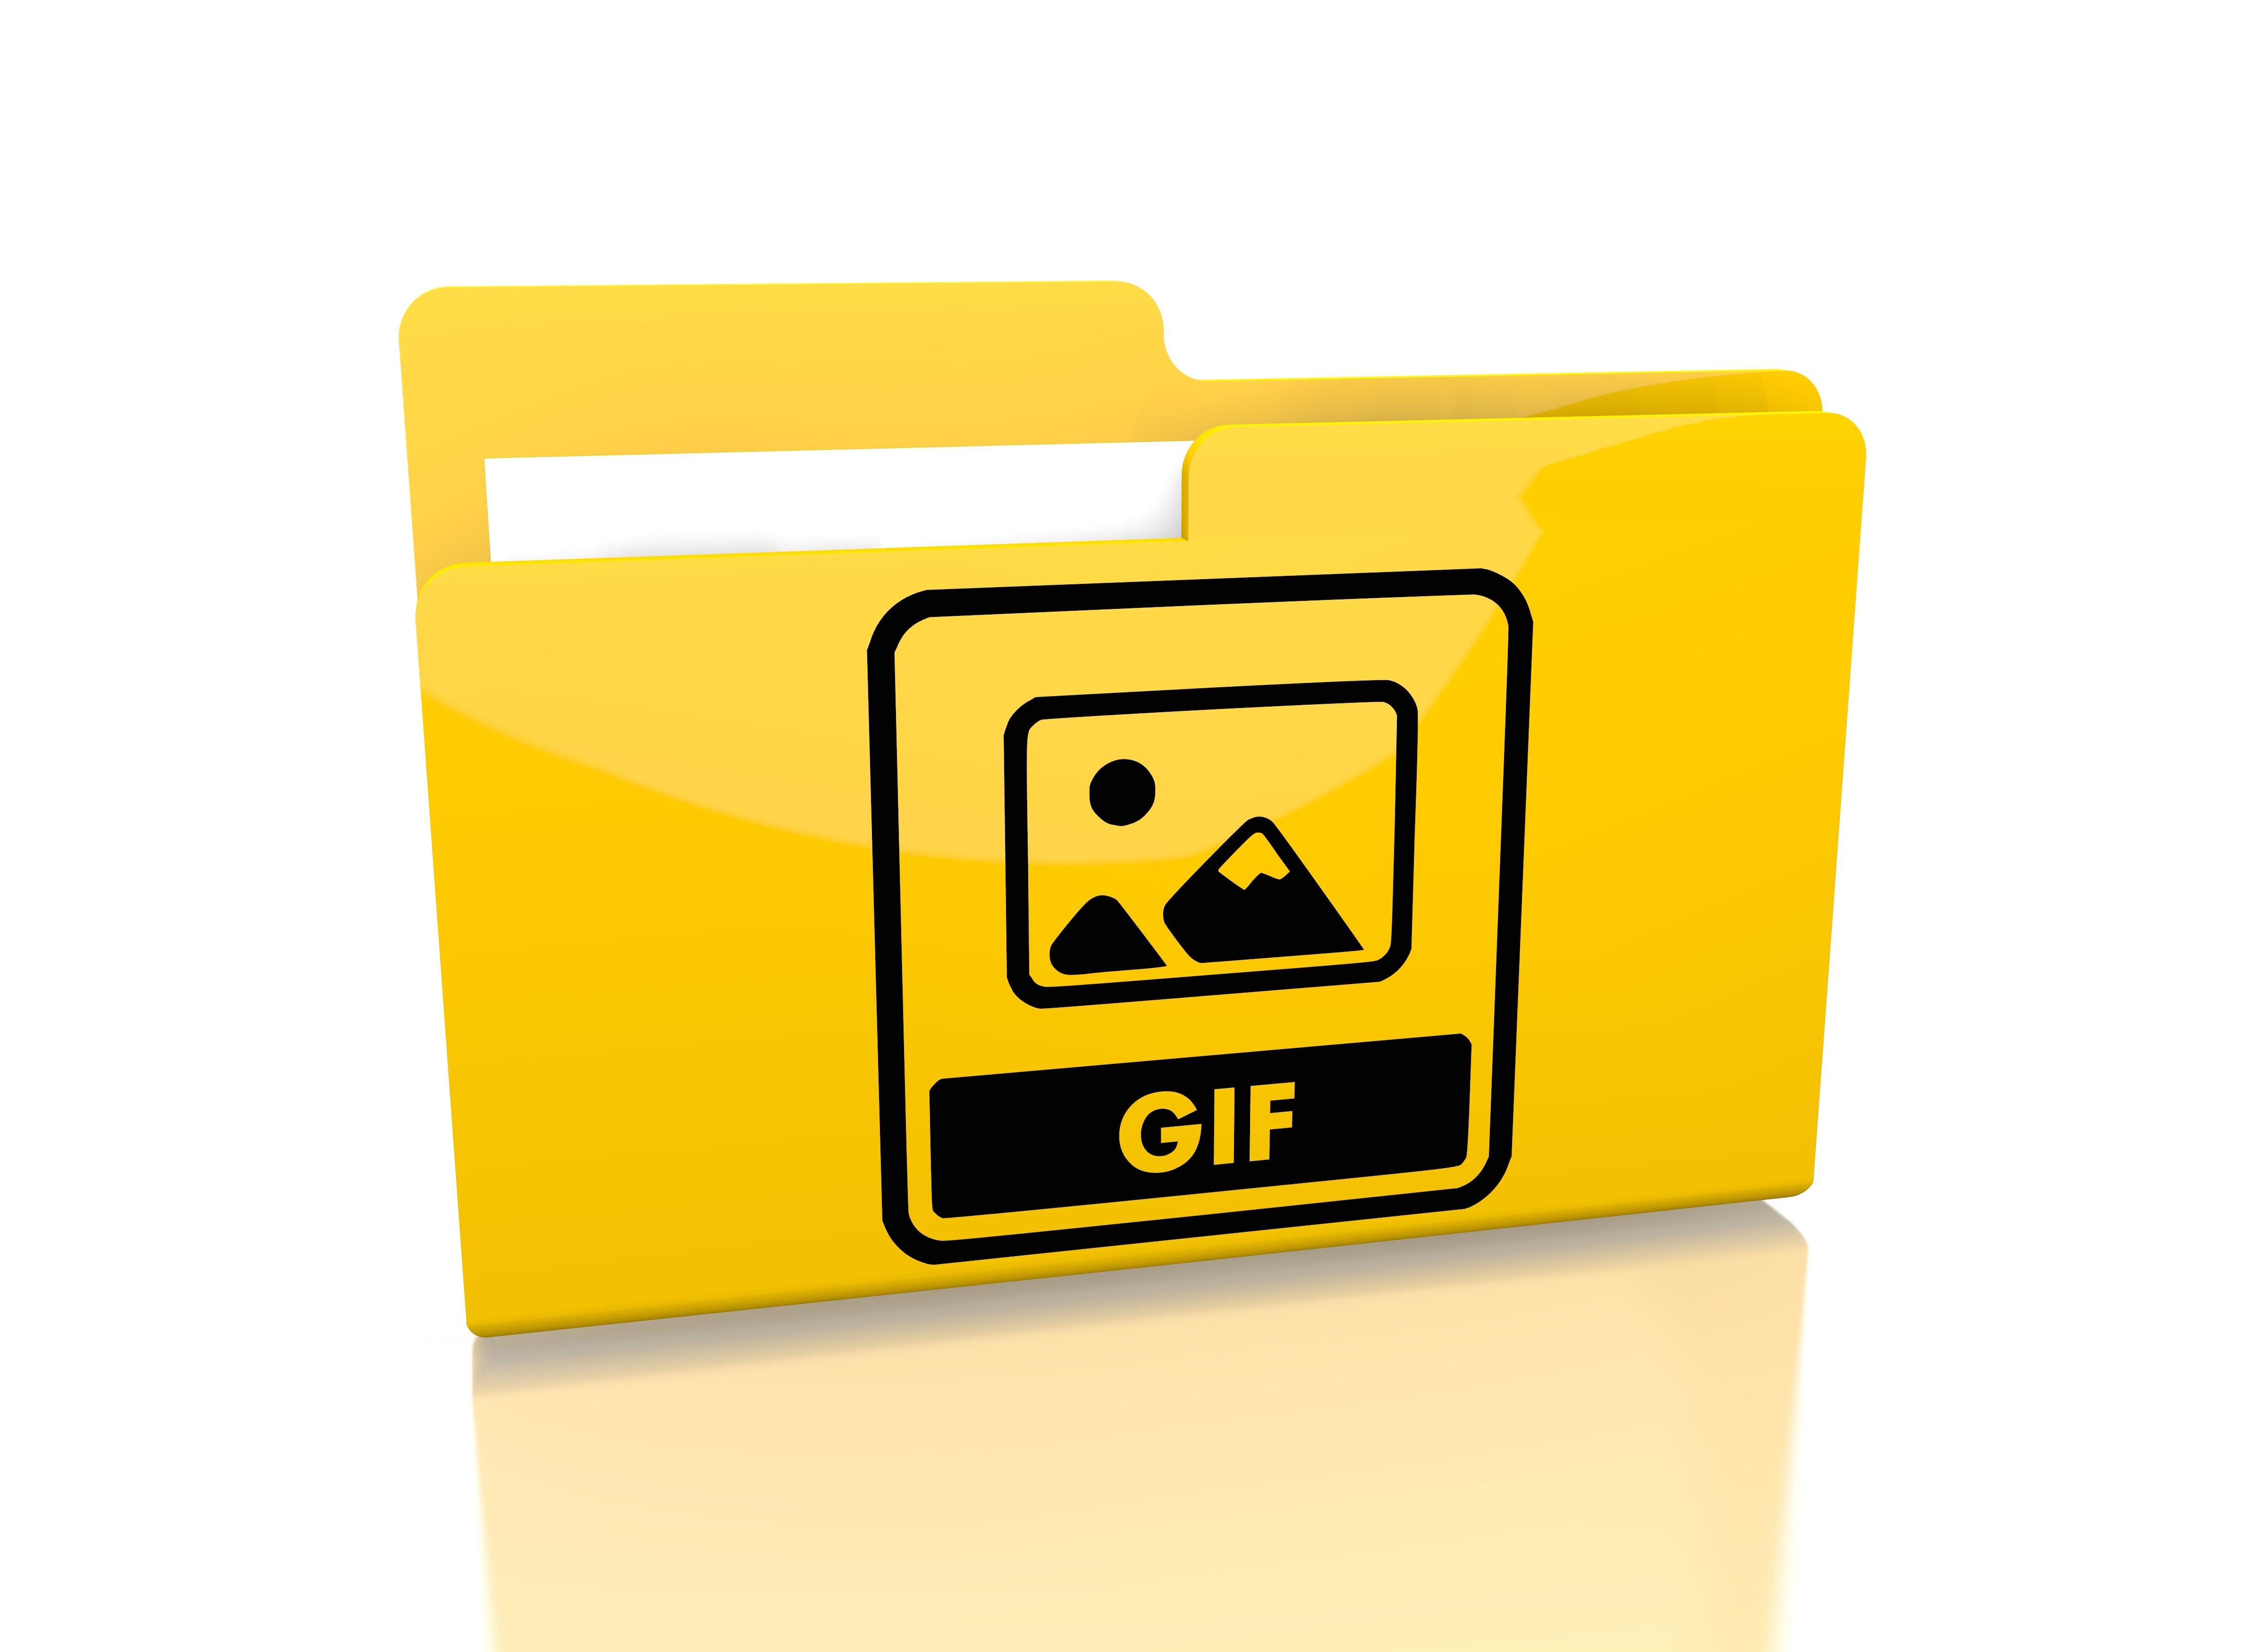 GIFのファイルイメージ